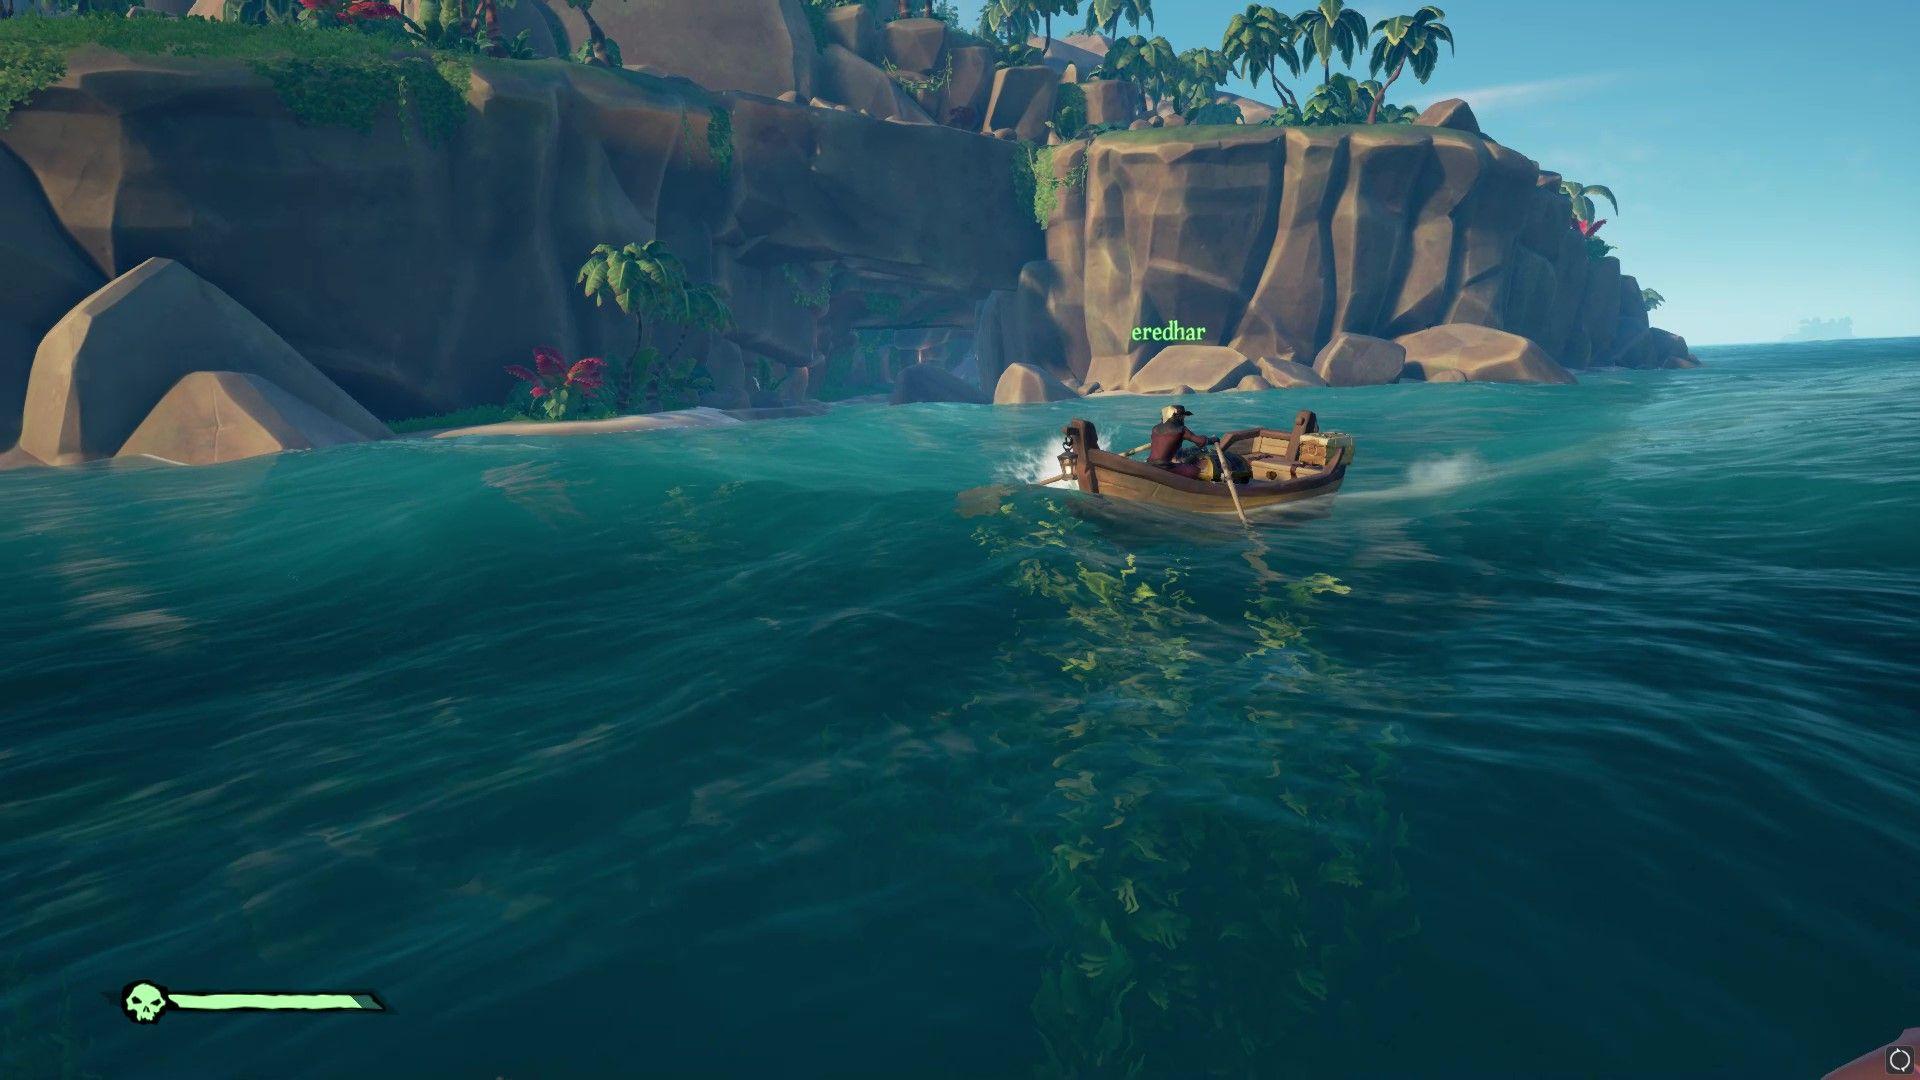 Pin by Kat Truewalker on Sea of Thieves Sea of thieves